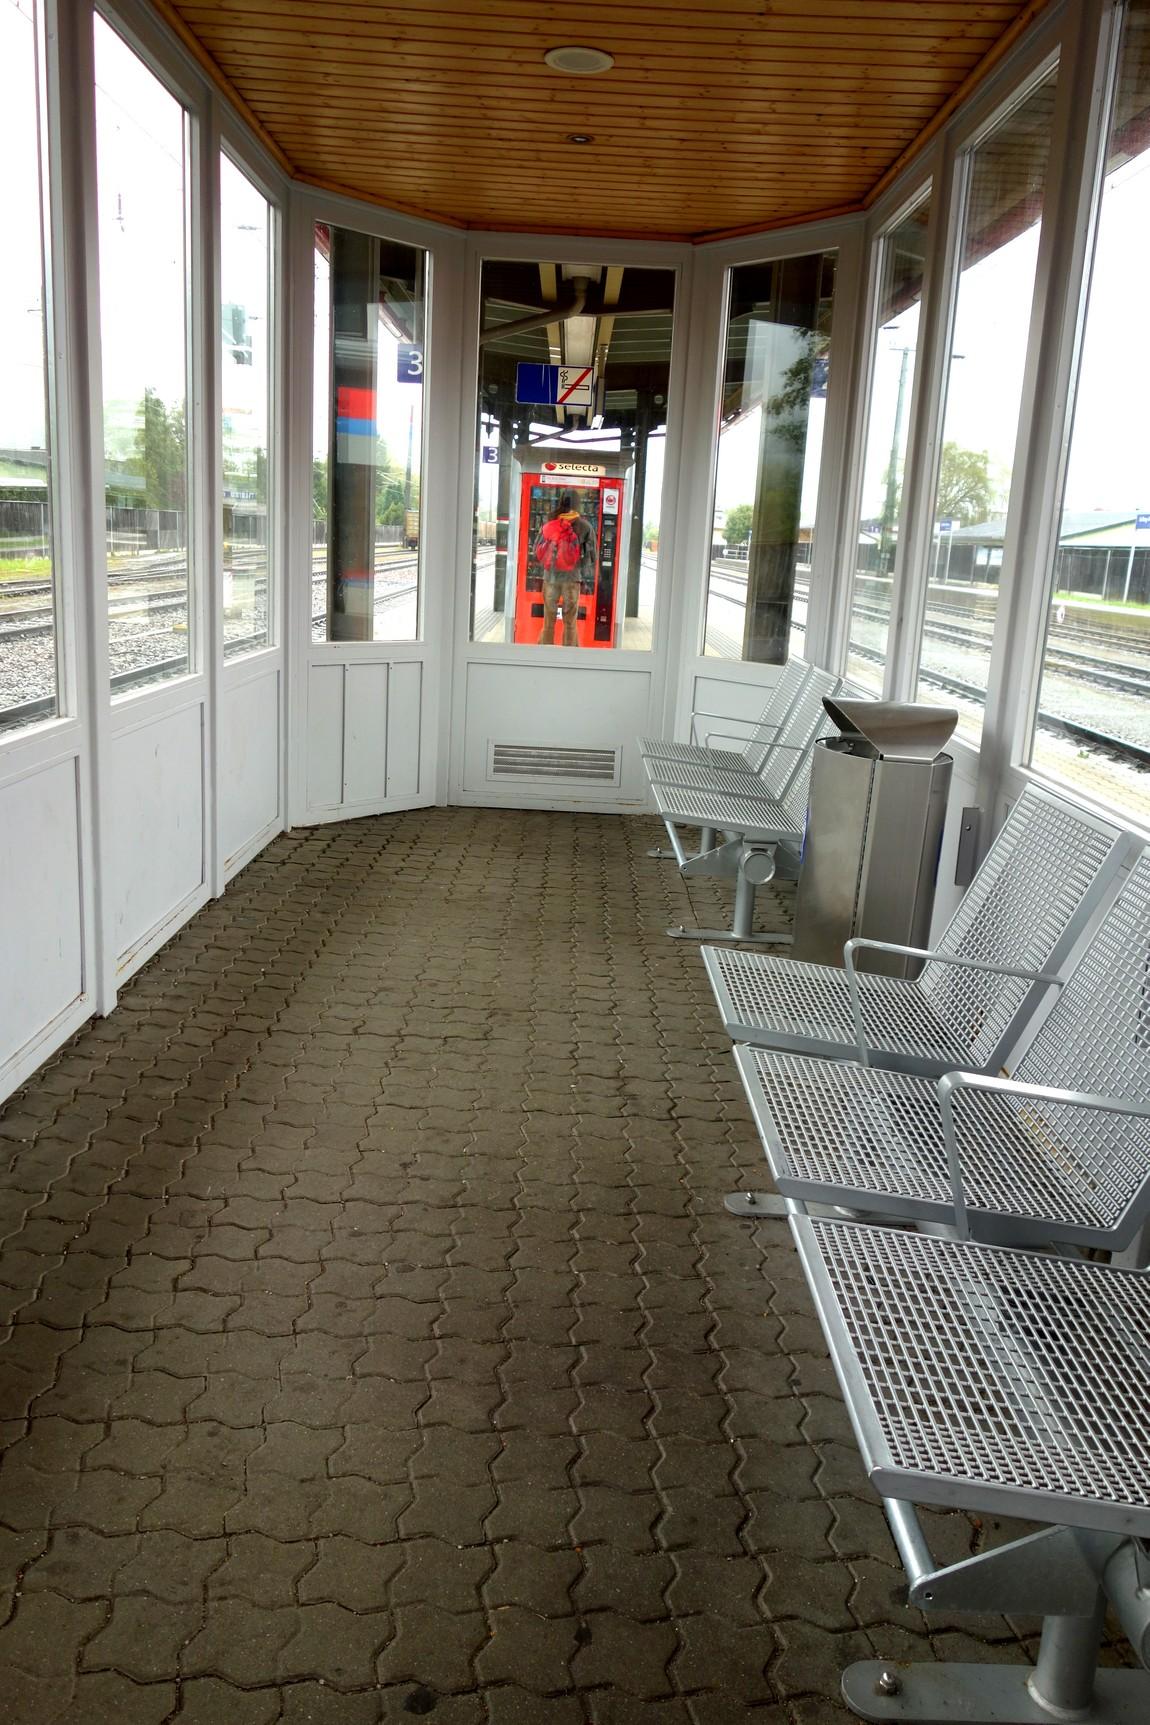 удобные закрытые от ветров и дождя павильоны между путями на вокзале